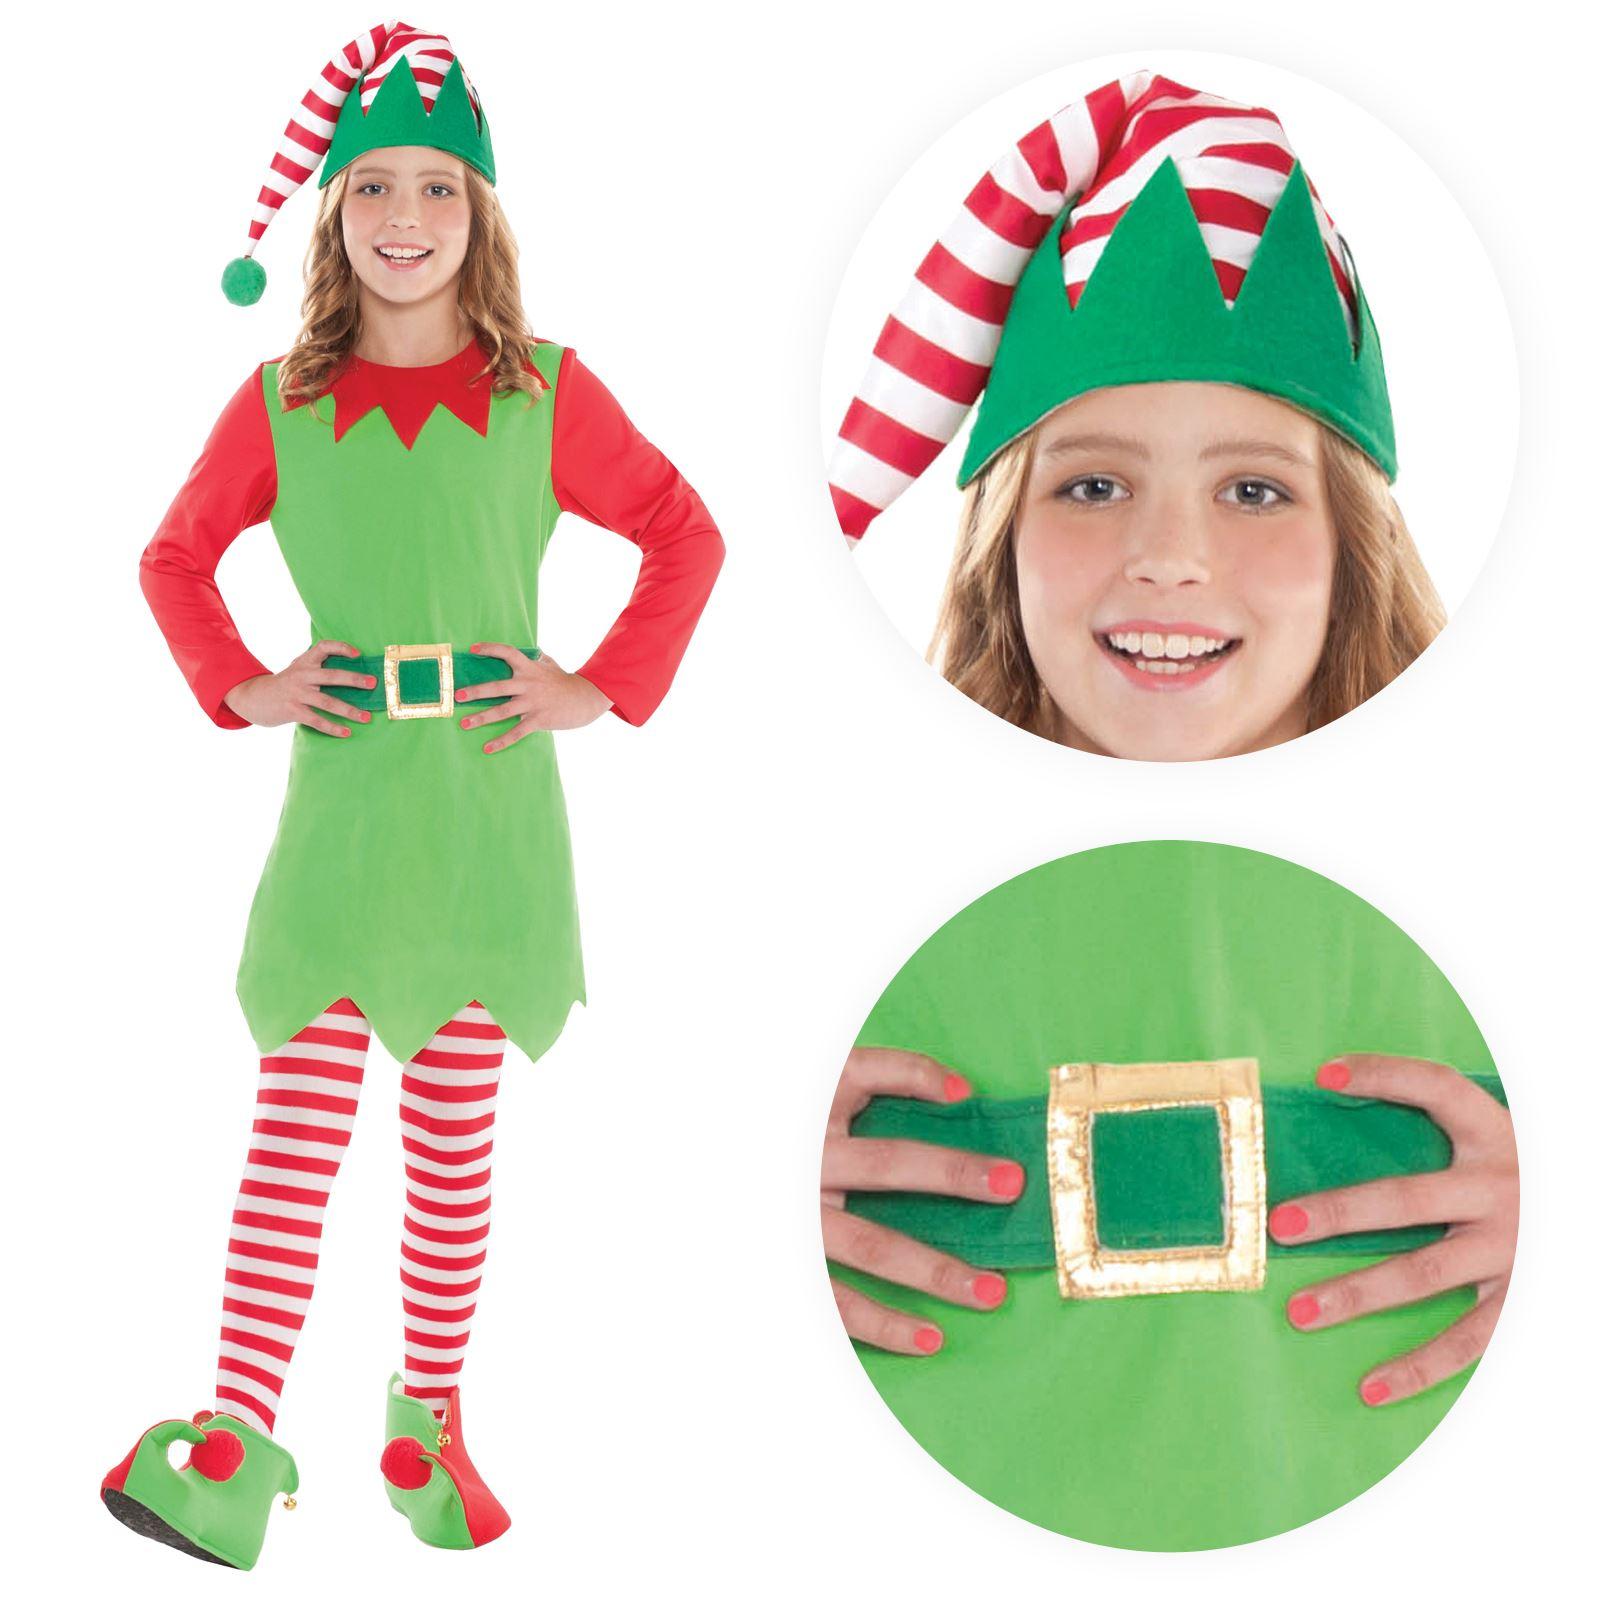 lujo nia elfo disfraz papa noel ayudante navidad disfraz fiesta